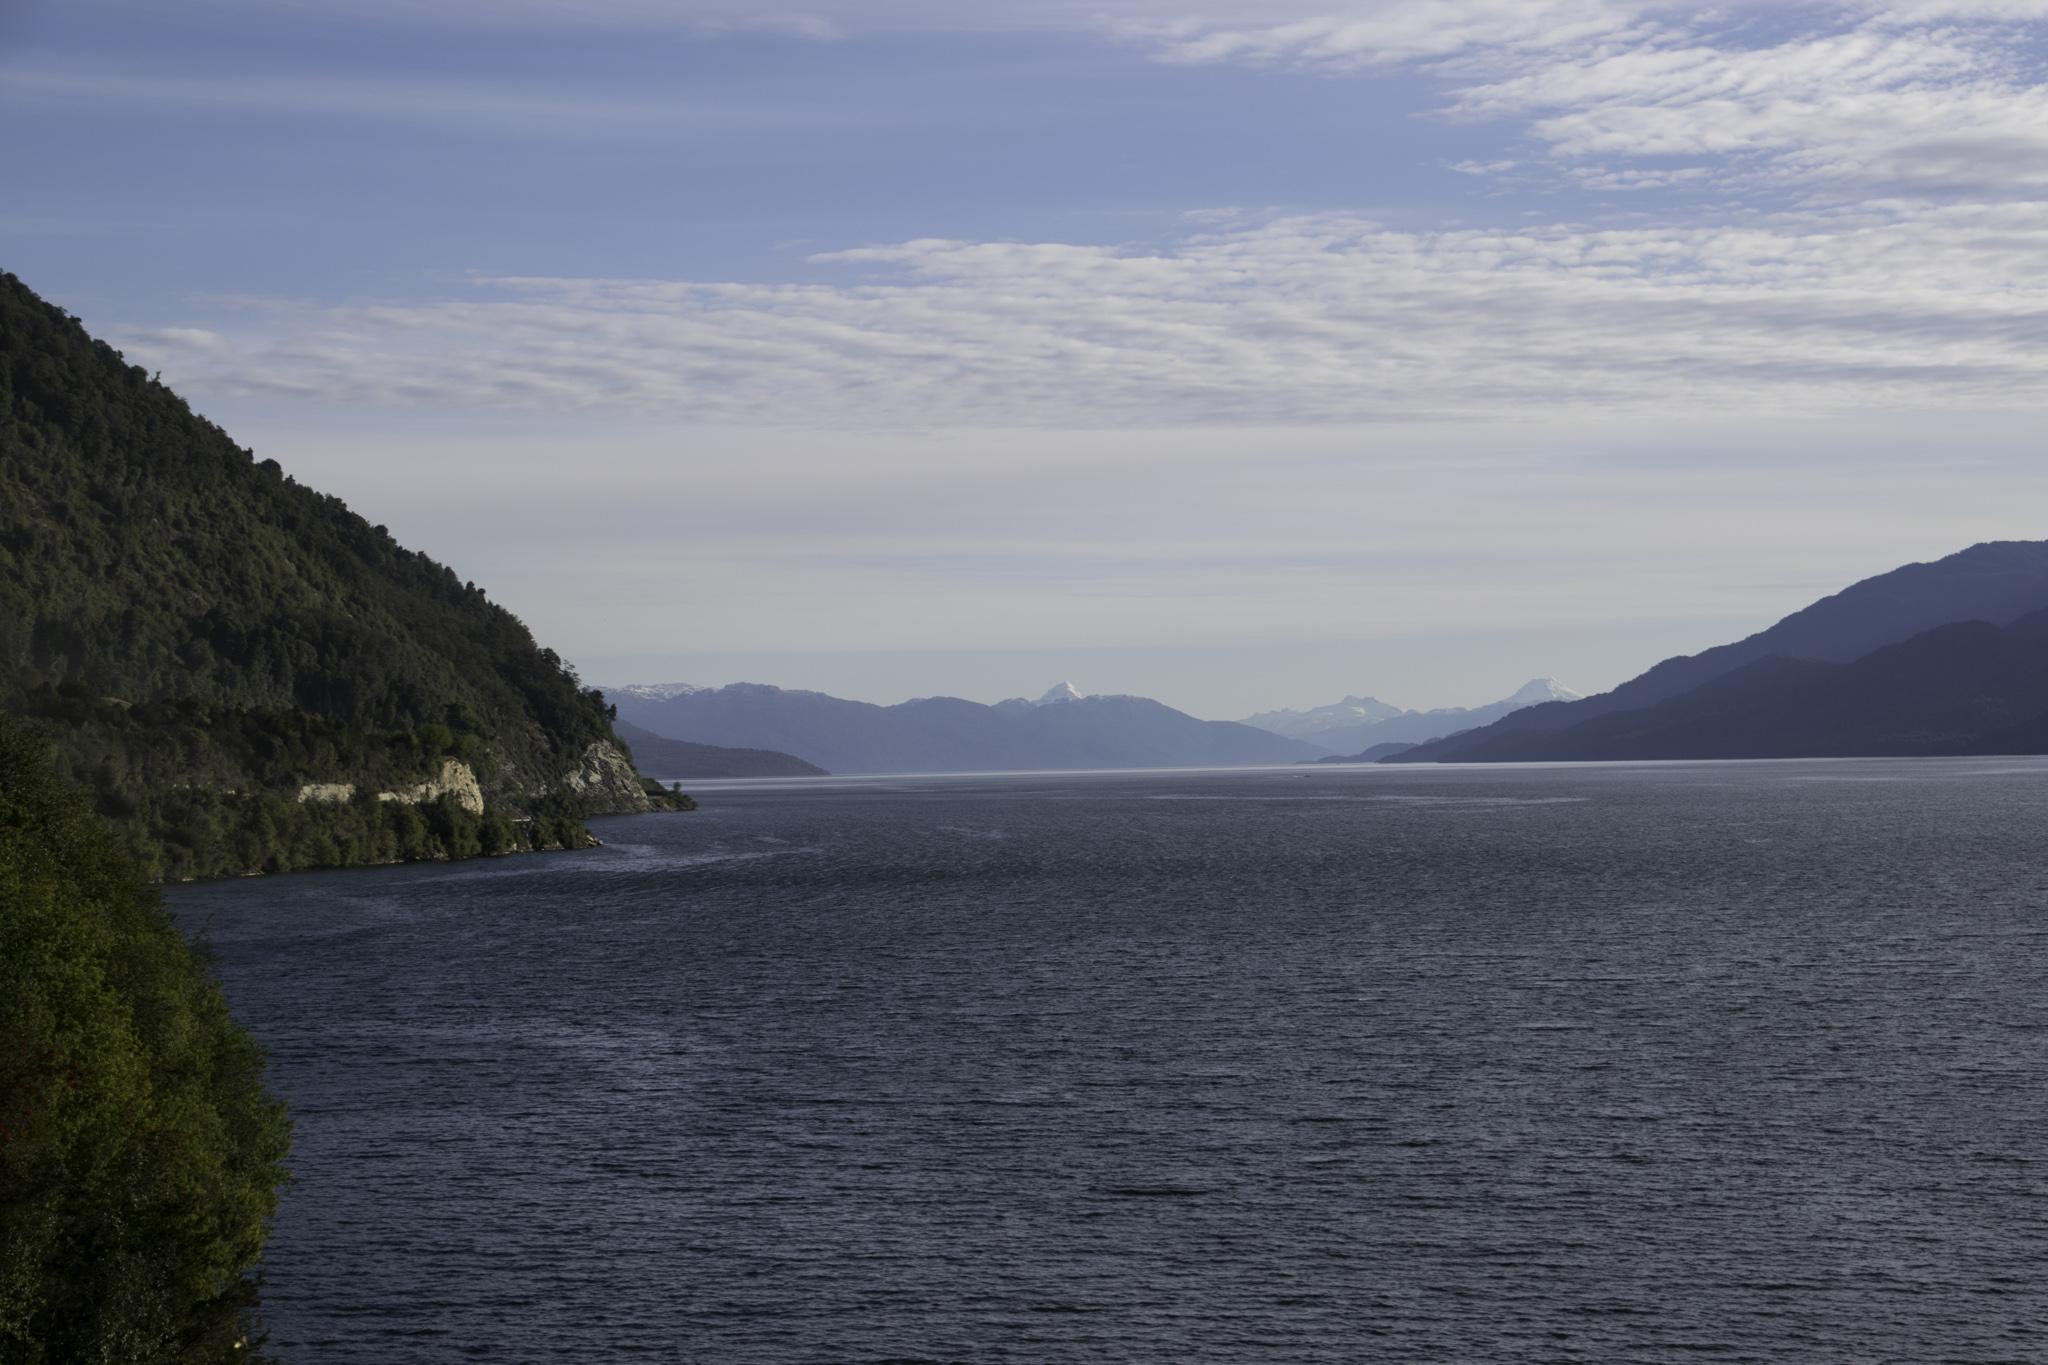 Radeln entlang des Fjords nach Puyuhuapi